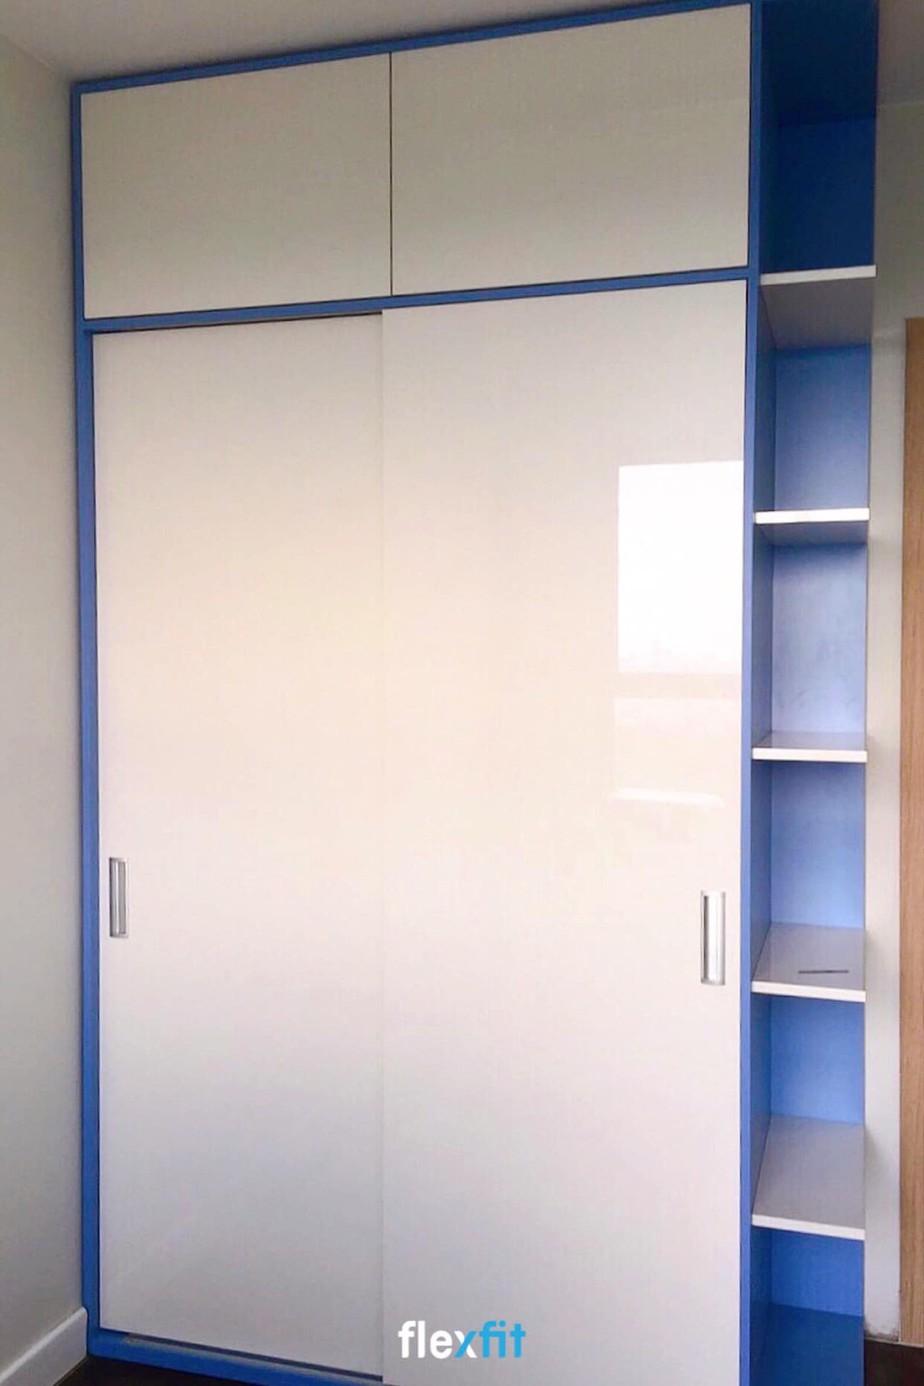 Tủ quần áo Acrylic 2 cánh lùa màu trắng kết hợp xanh dương bắt mắt. Sản phẩm được thiết kế các ngăn lưu trữ nhỏ và các ô không cánh có thể để các đồ trang trí, vật dụng như: đồ chơi, chậu cây cảnh,...